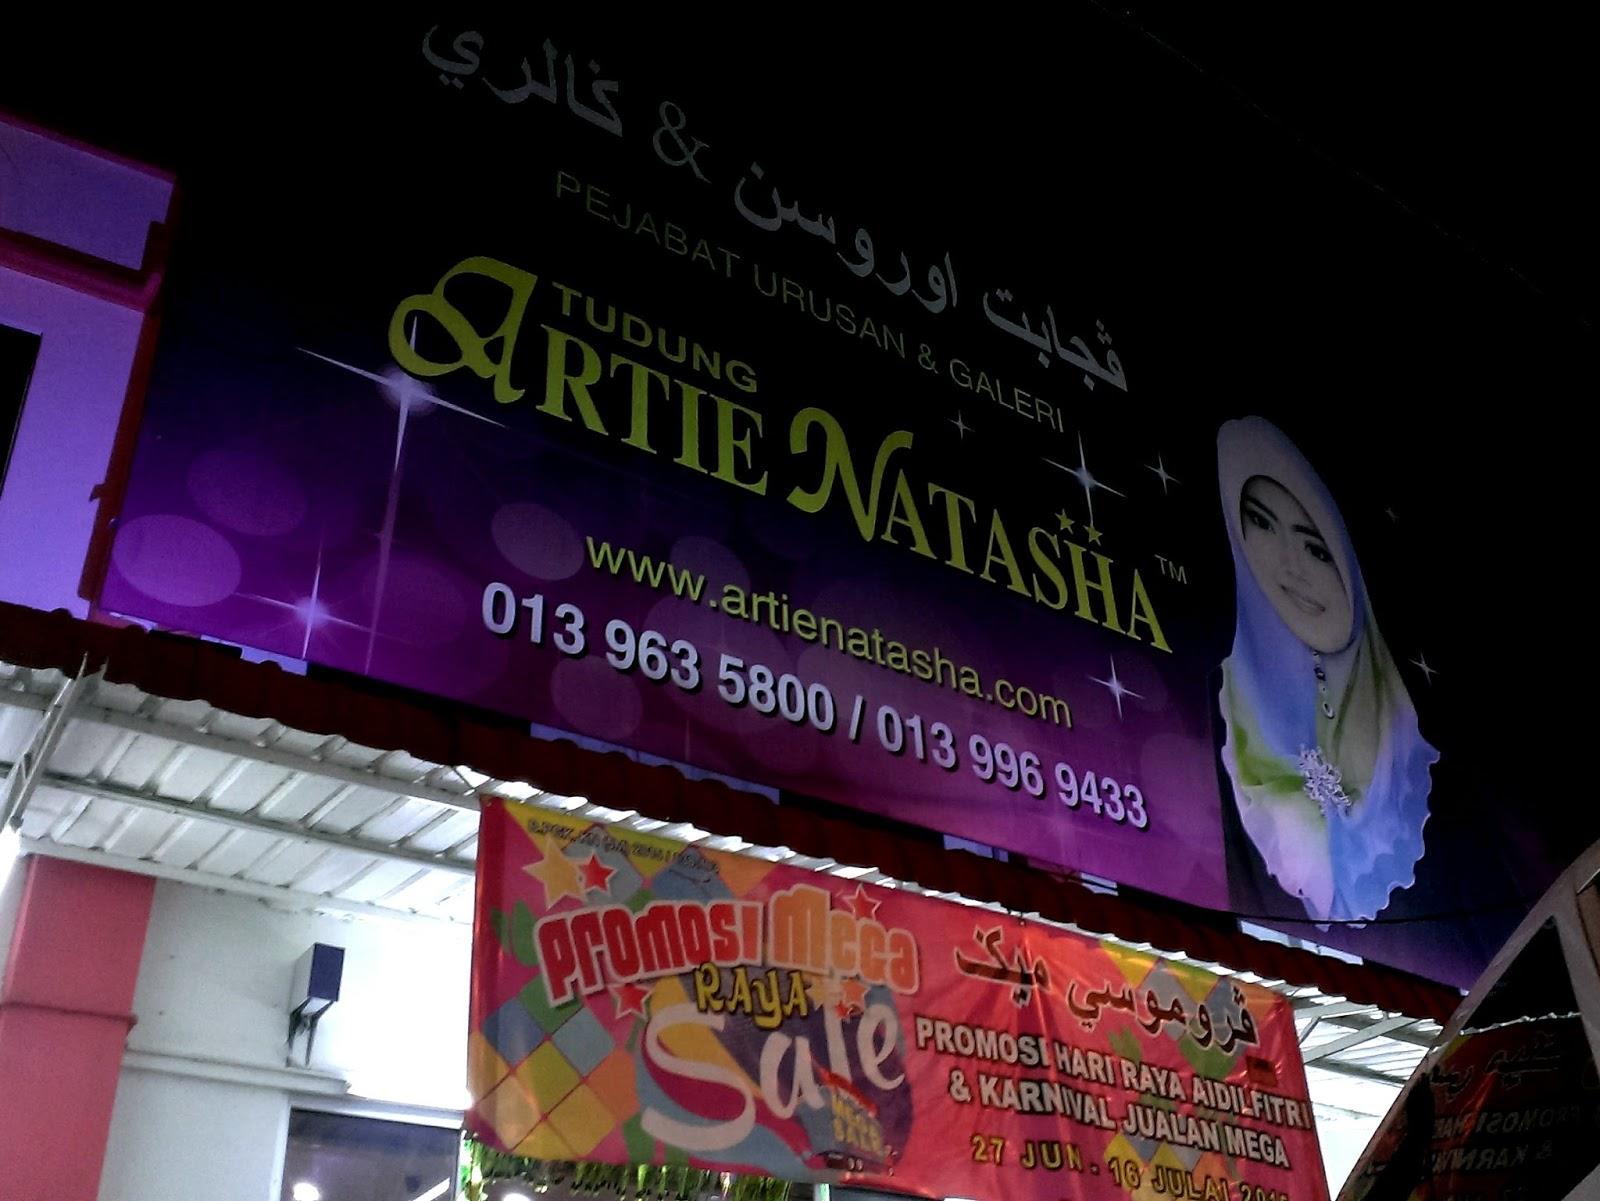 Galeri Artie sebelumnya di Jalan Merbau Artie Natasha